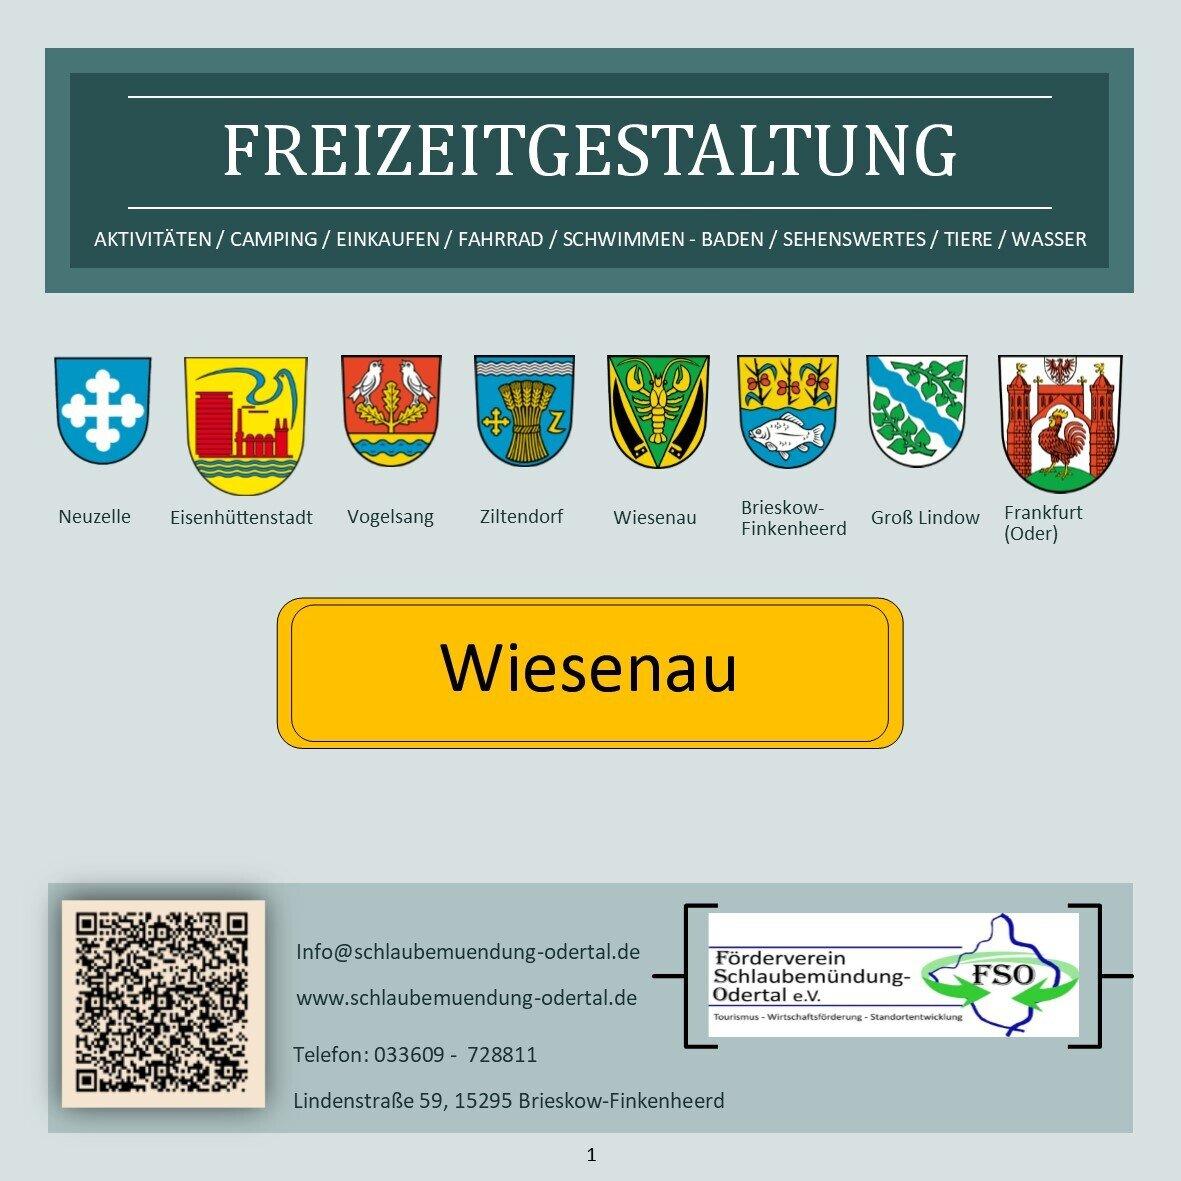 Wiesenau_Freizeitgestaltung1